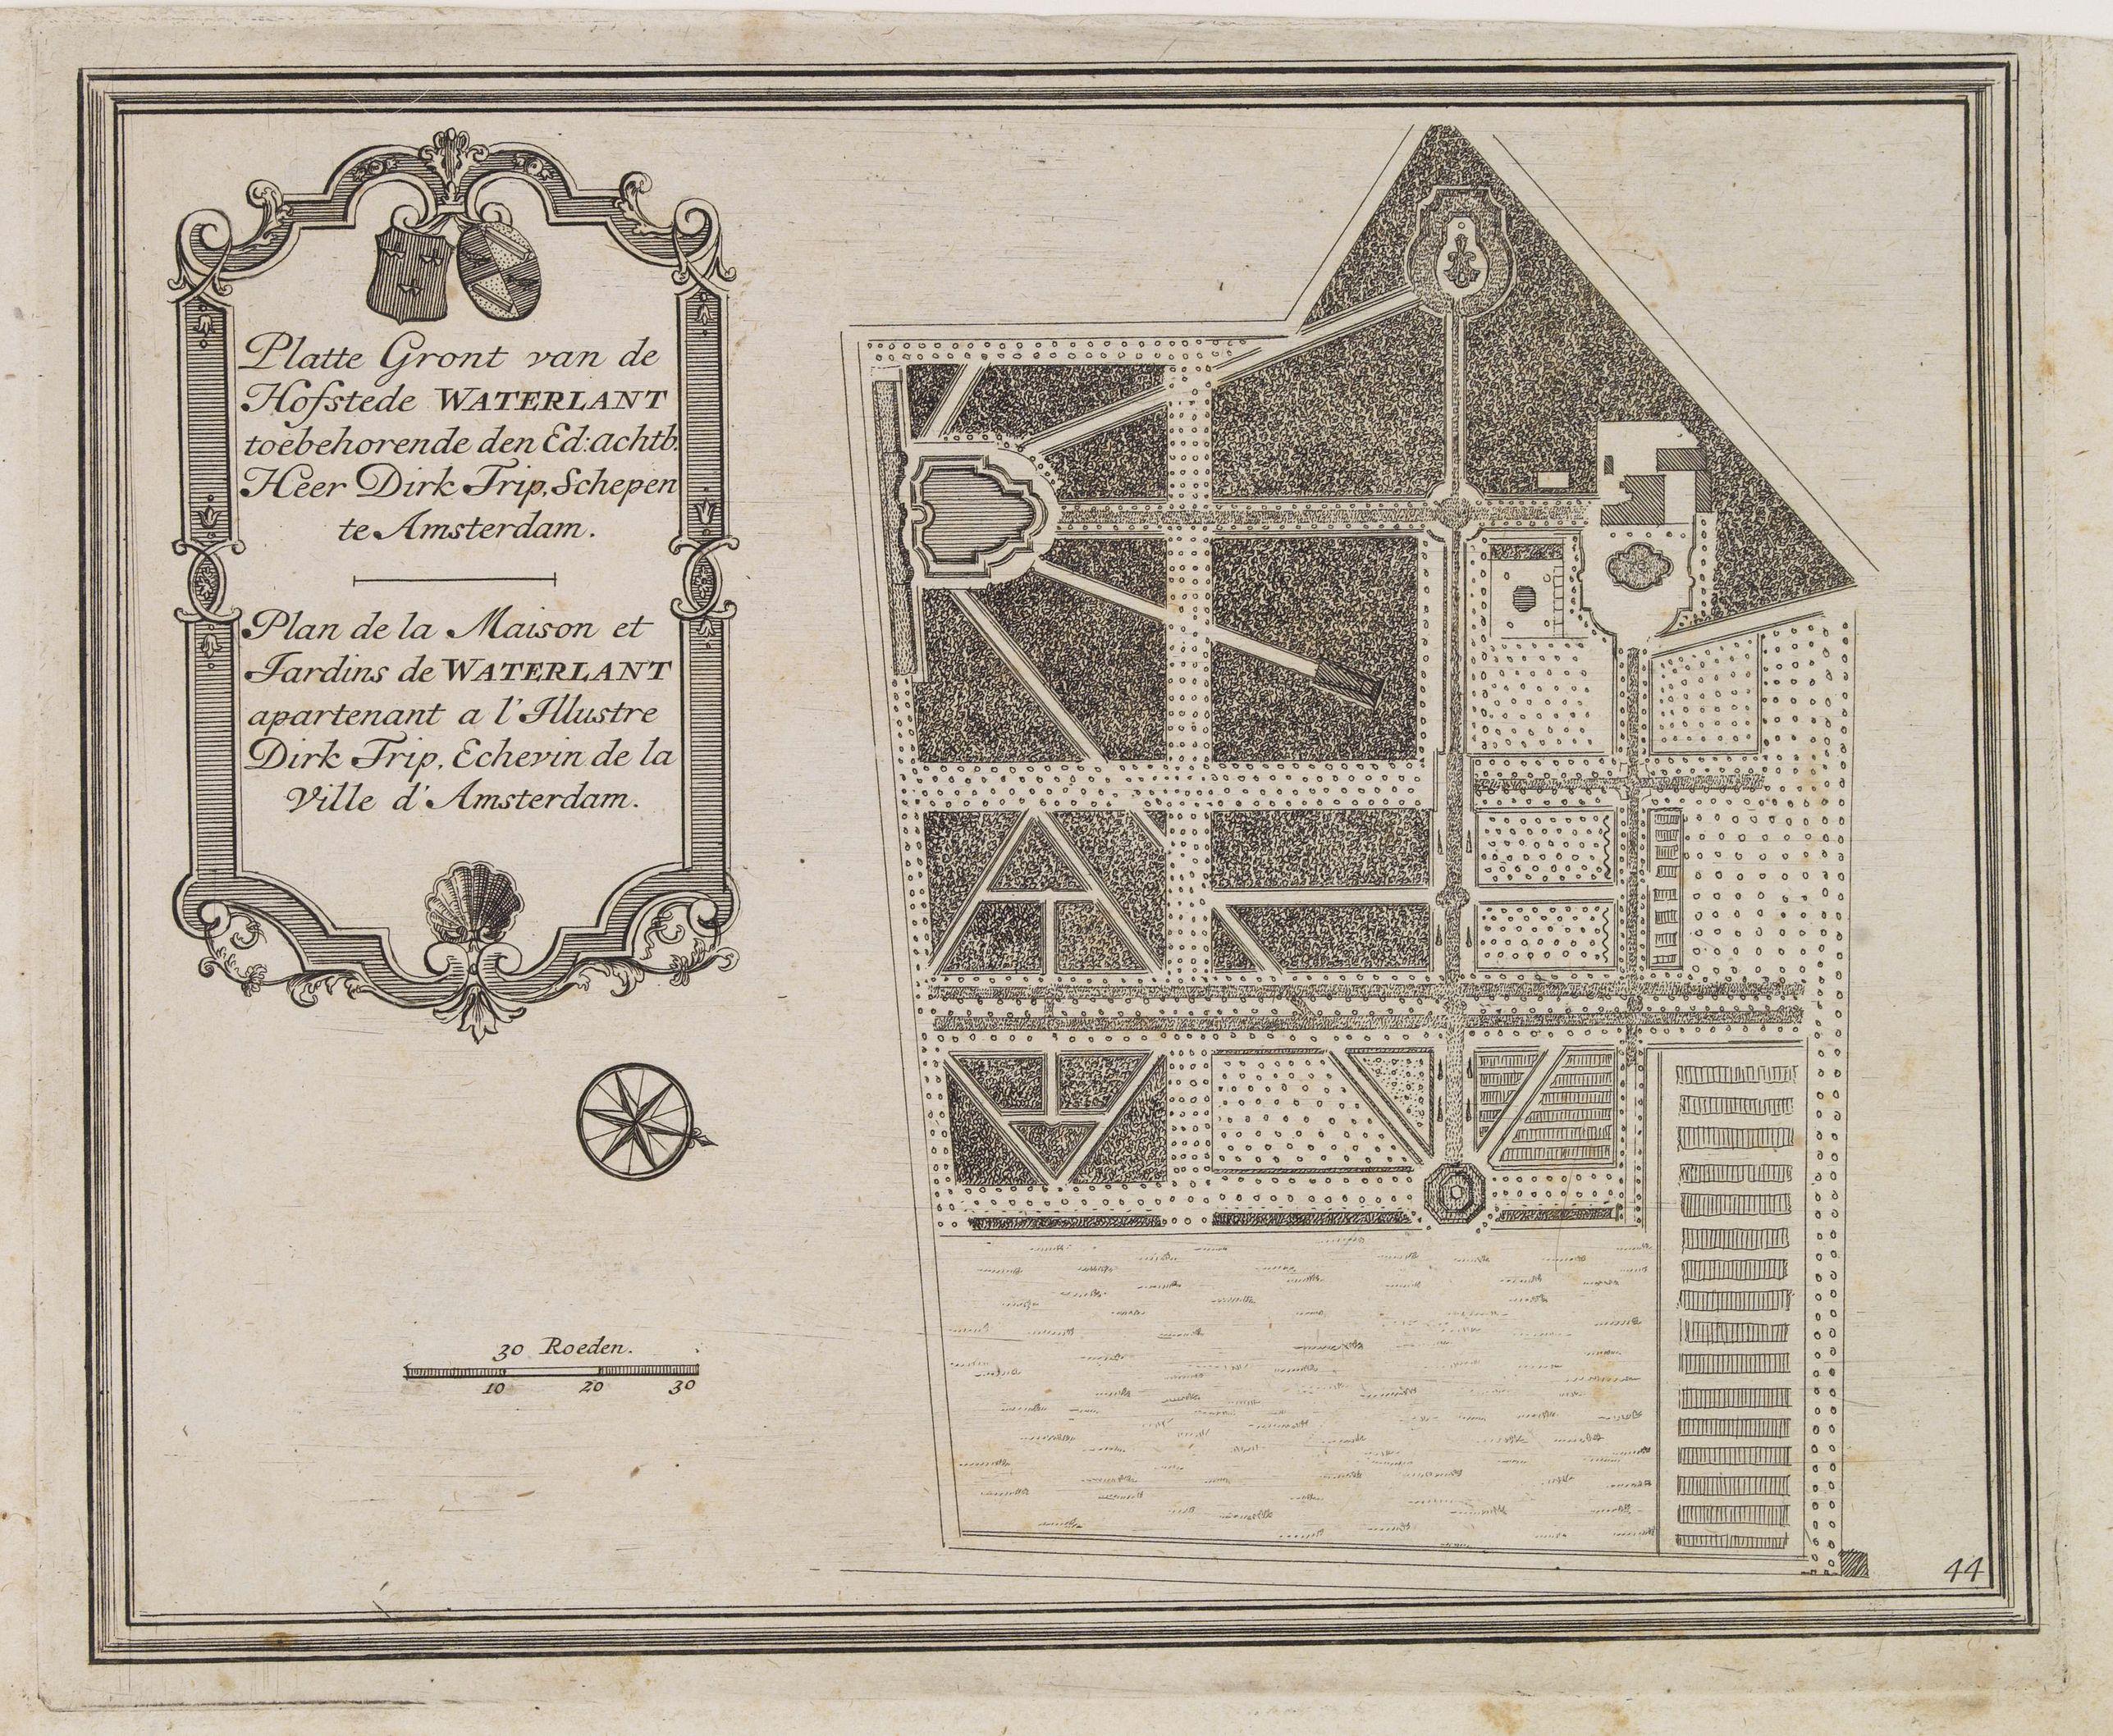 DE LETH, H. -  Platte Gront van de Hofstede Waterlant toebehorende den Ed. Achtb. Heer Dirk Trip Schepen te Amsterdam.